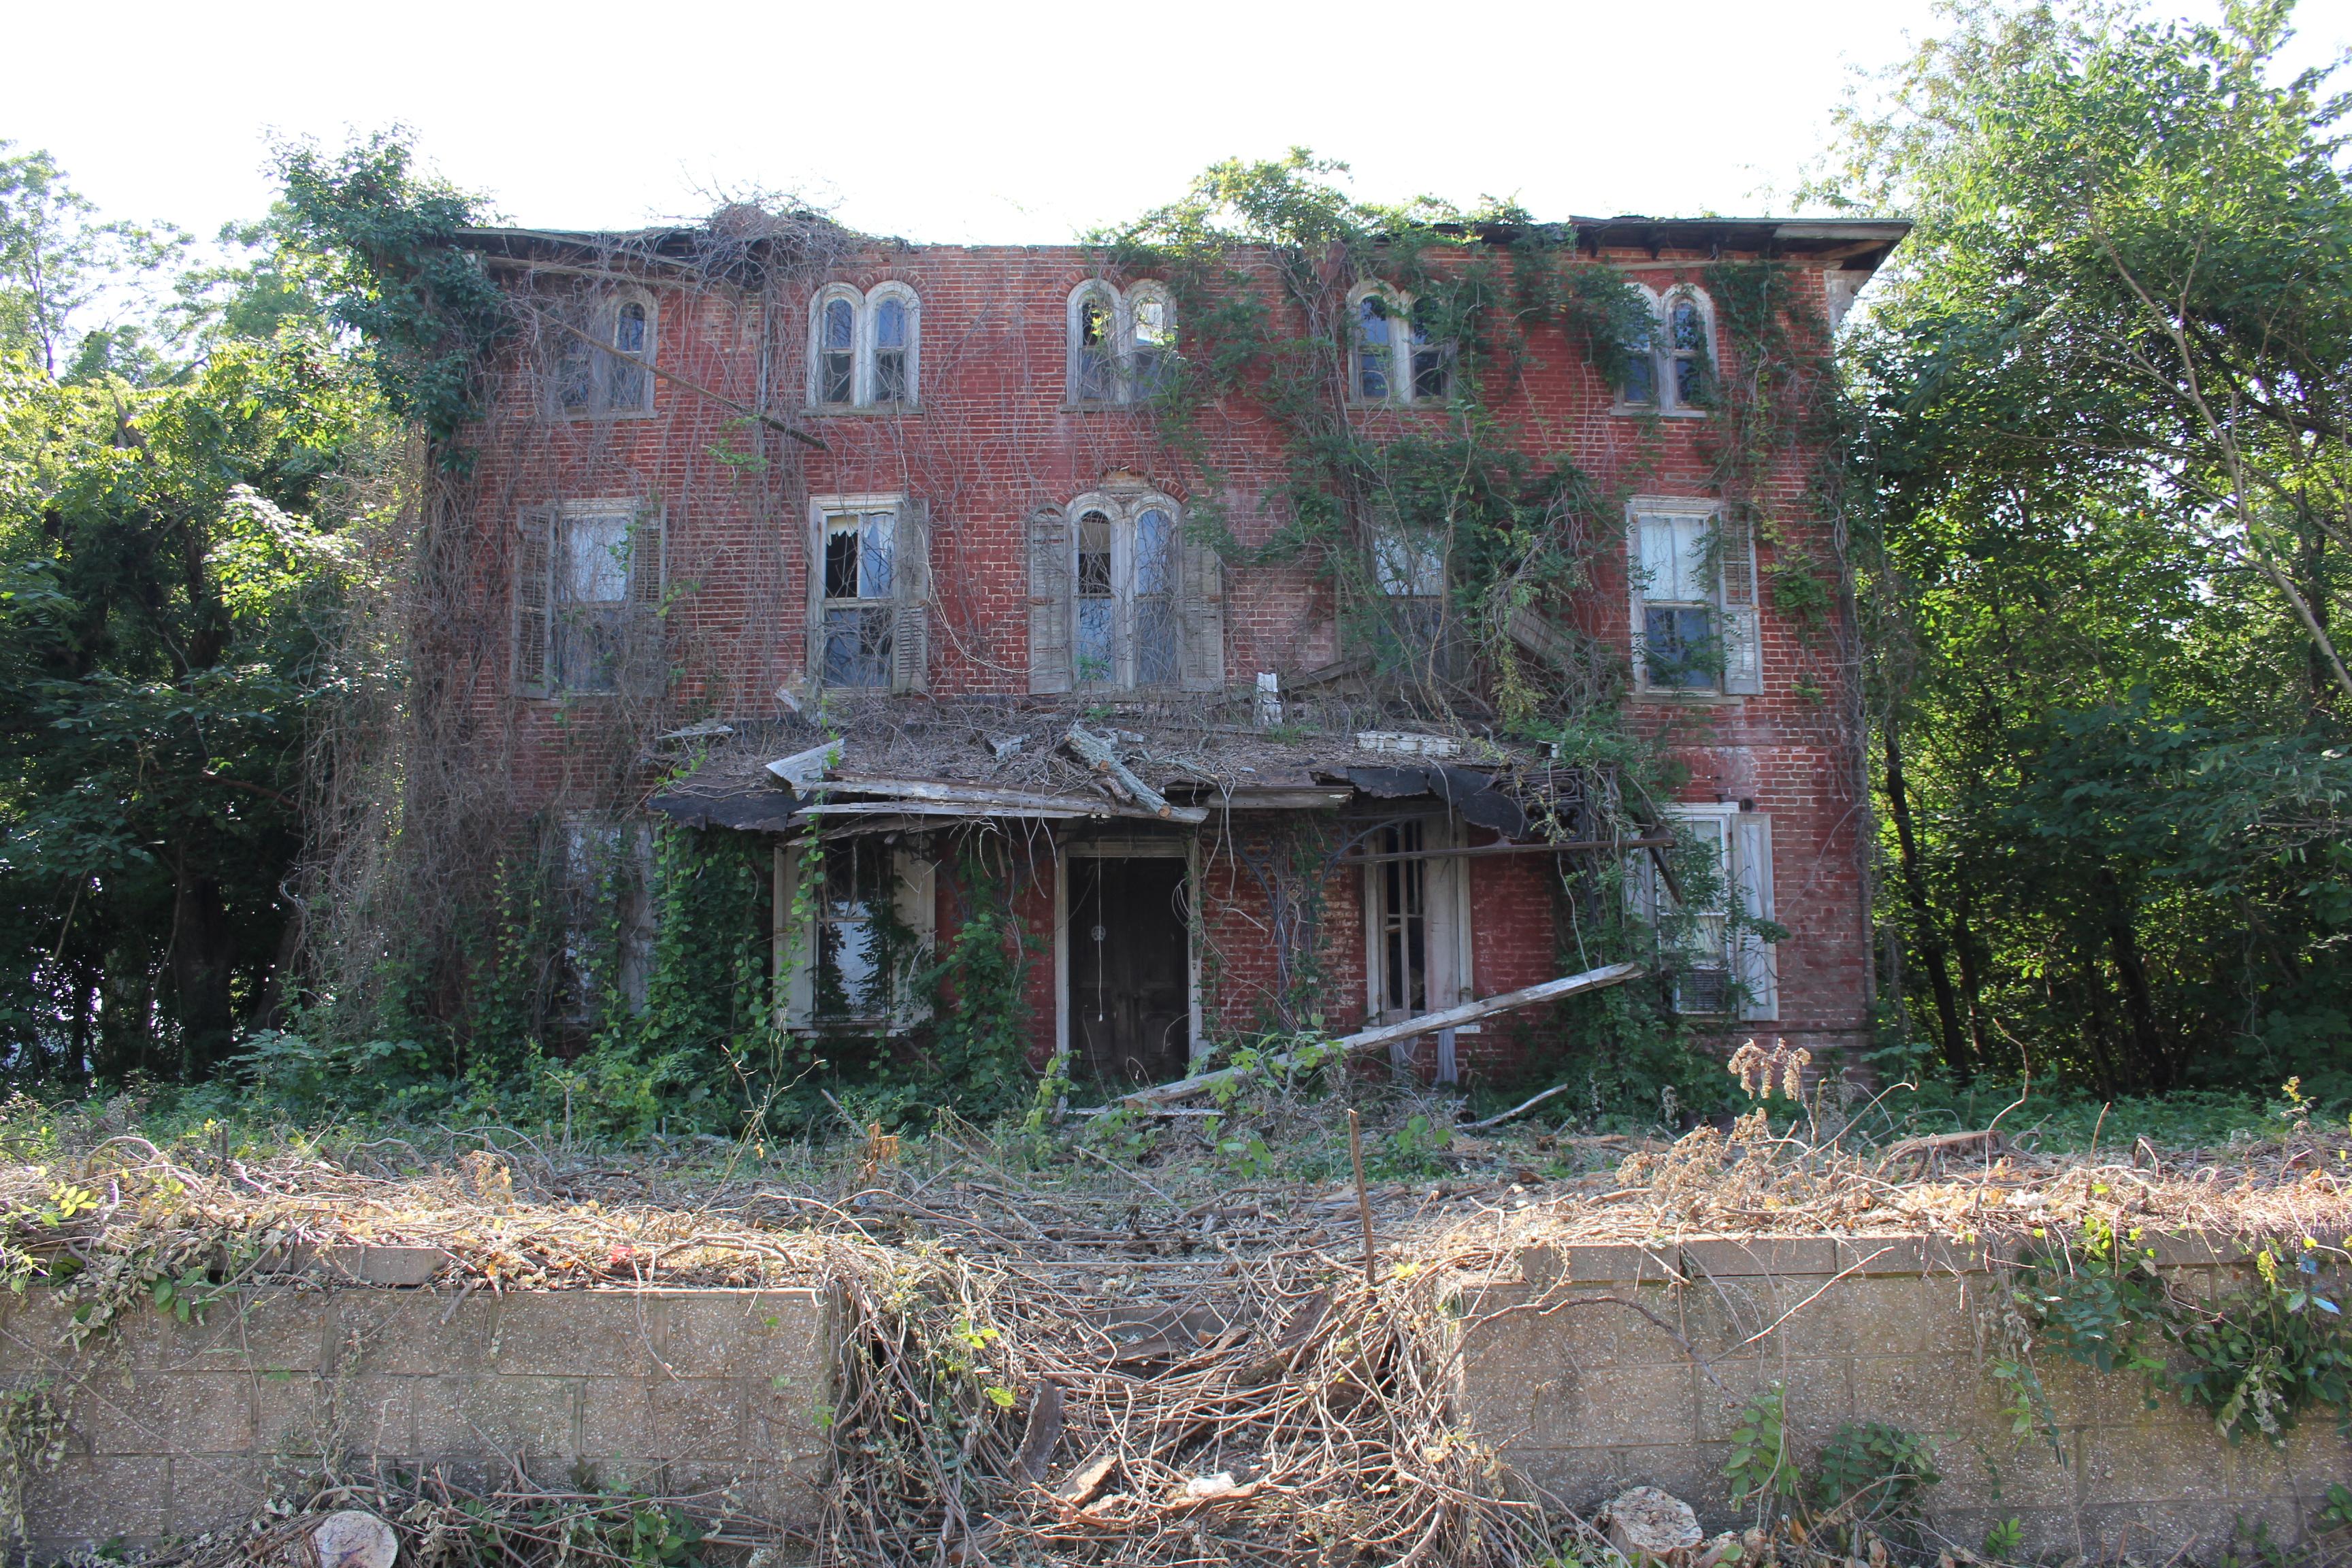 Delaware North Properties